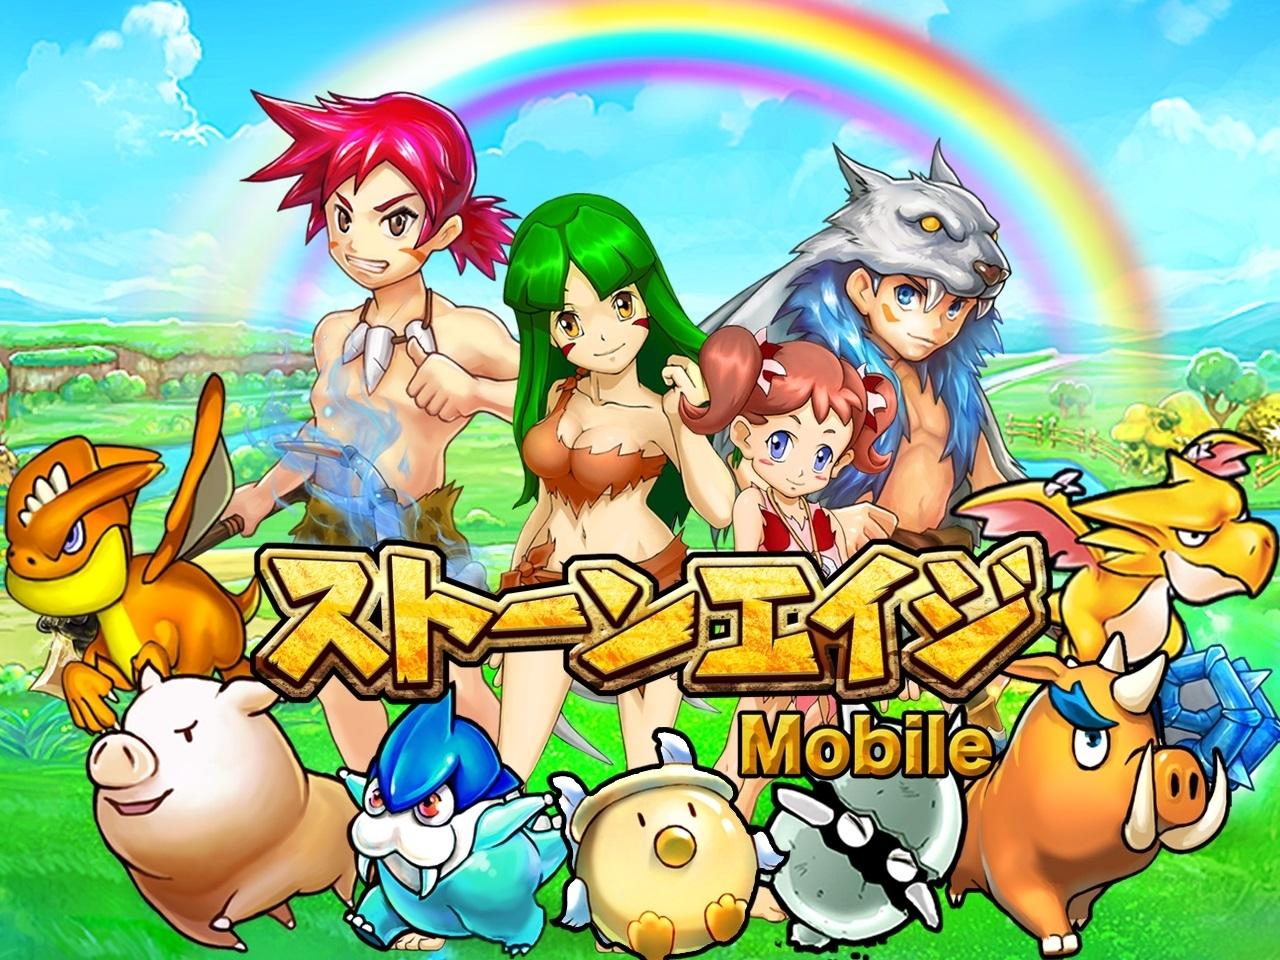 MMORPG「StoneAge」がスマホで復活! CJインターネットジャパン、「ストーンエイジ Mobileの事前登録受付を開始1